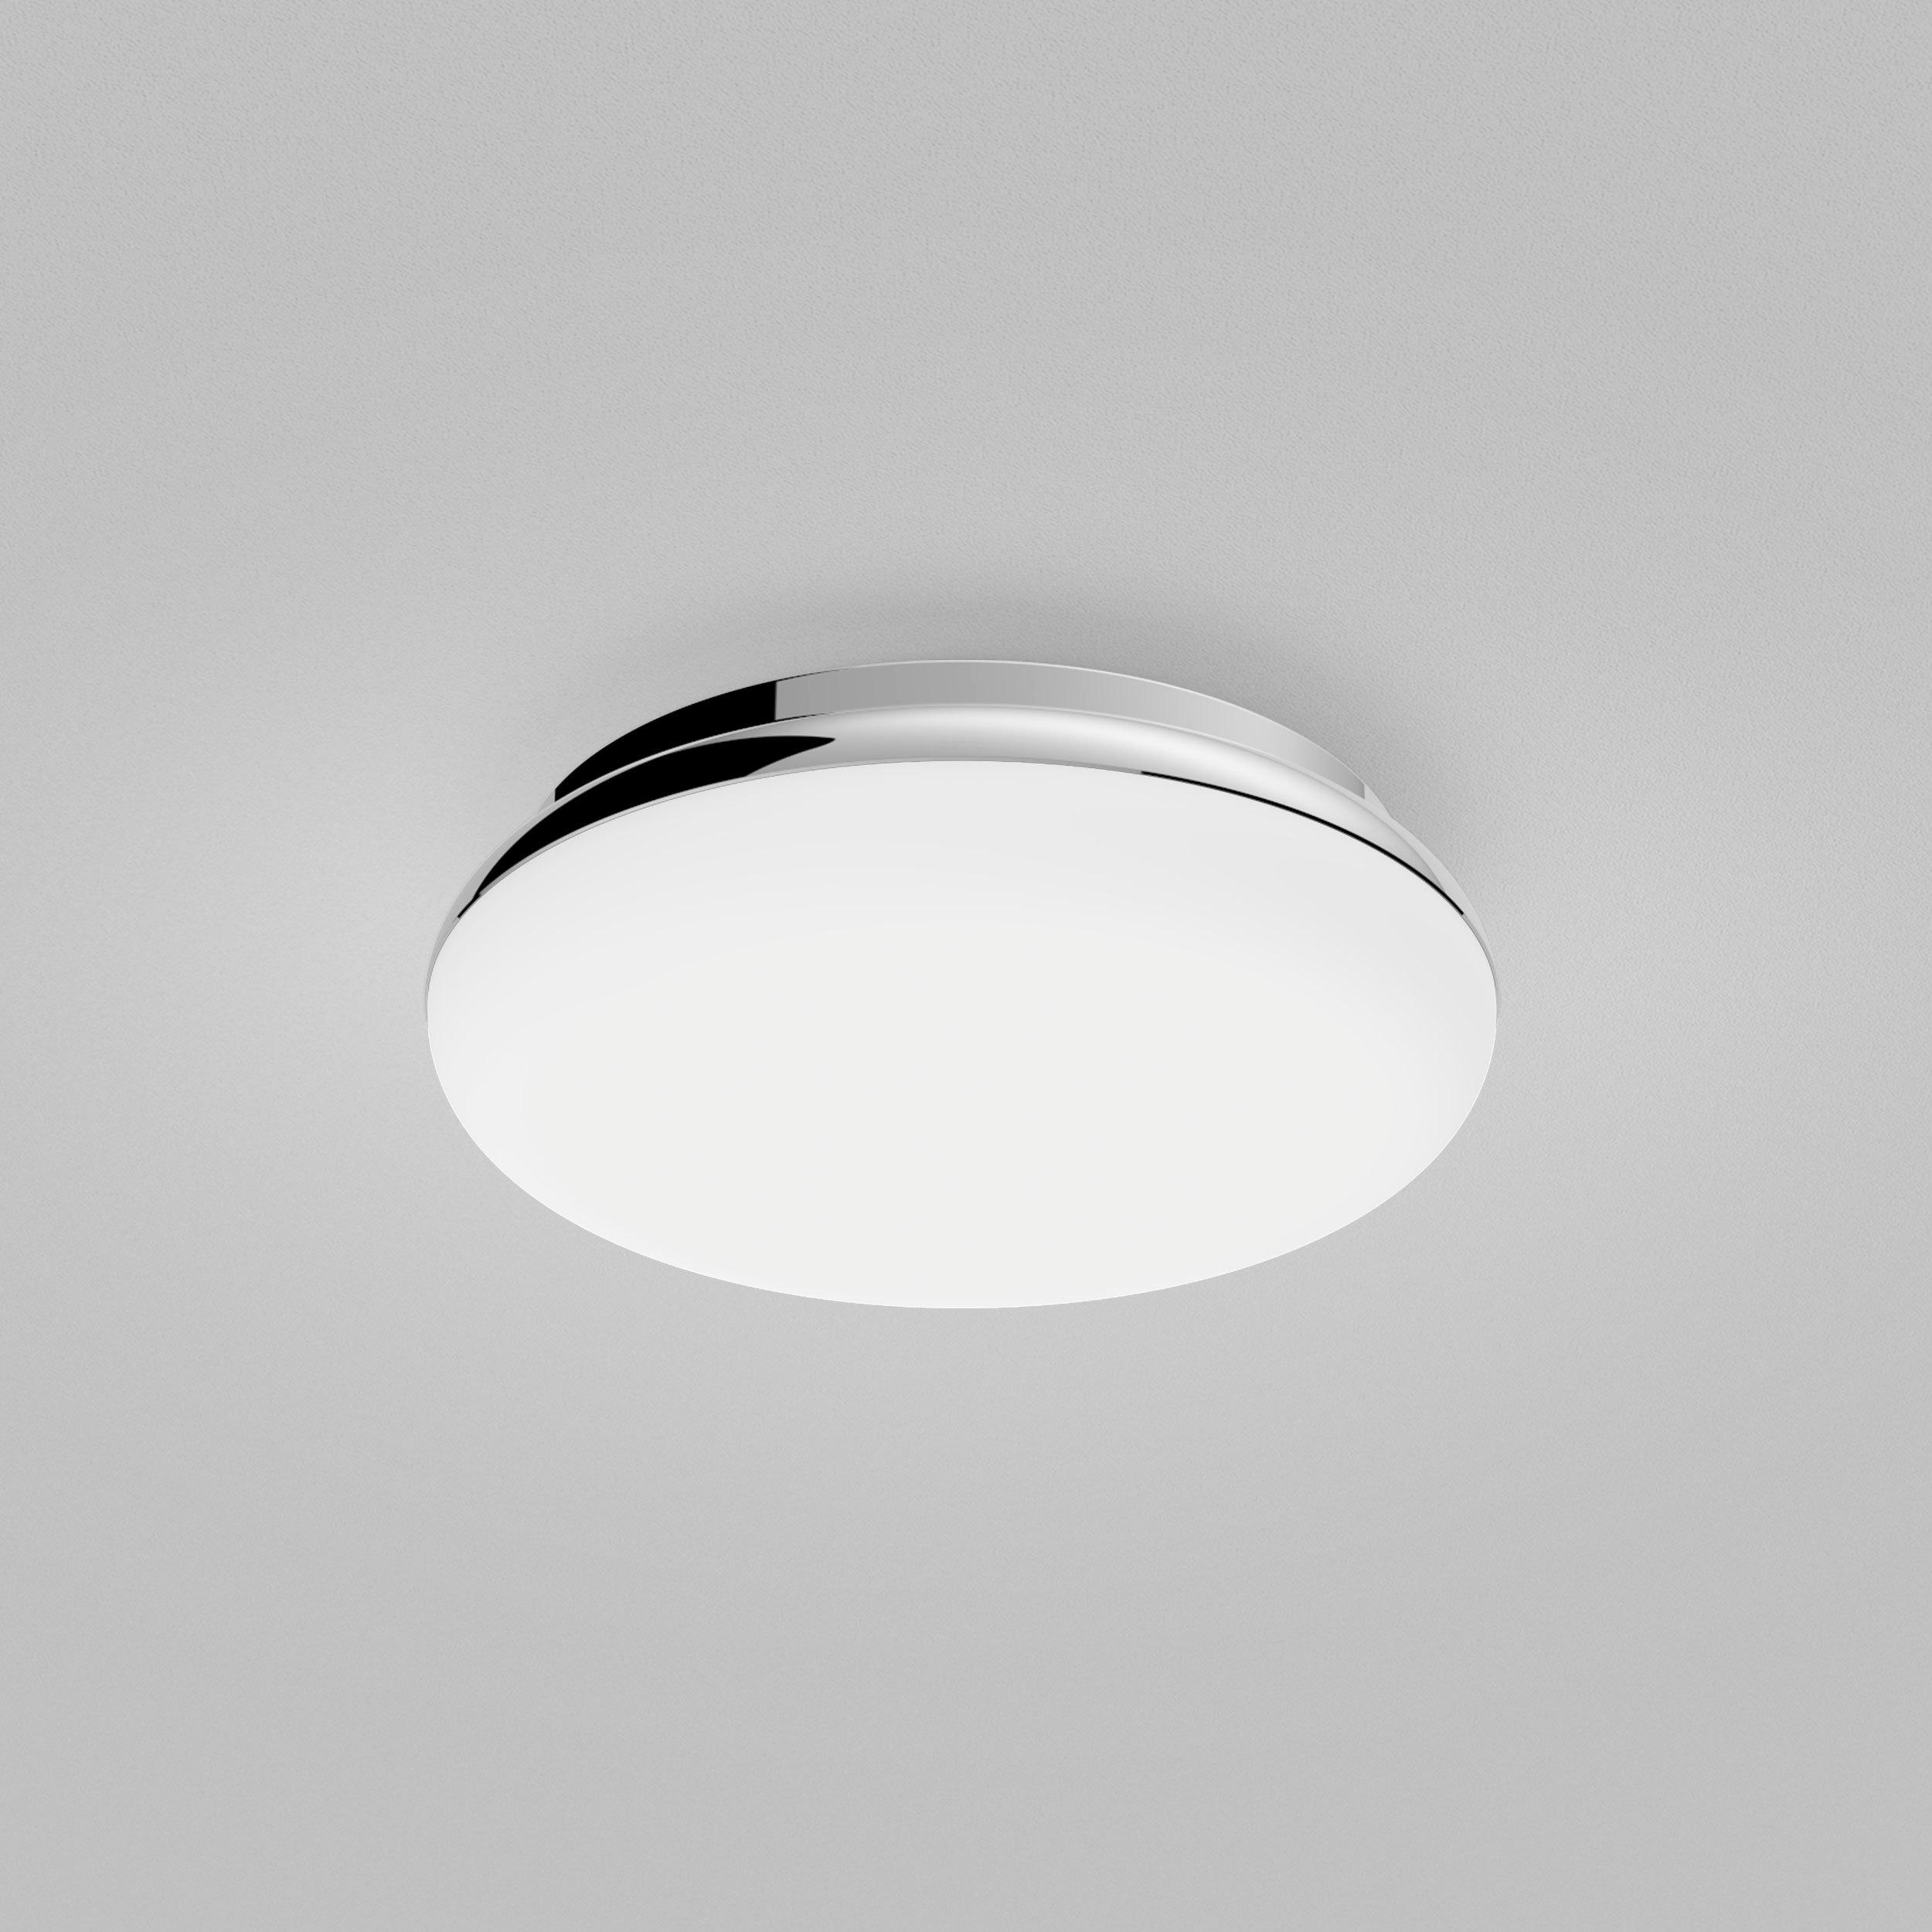 Потолочный светодиодный светильник Astro Altea 1133007 (8047), IP44, LED 15,6W 2700K 673lm CRI>80, хром, белый, металл, стекло - фото 3